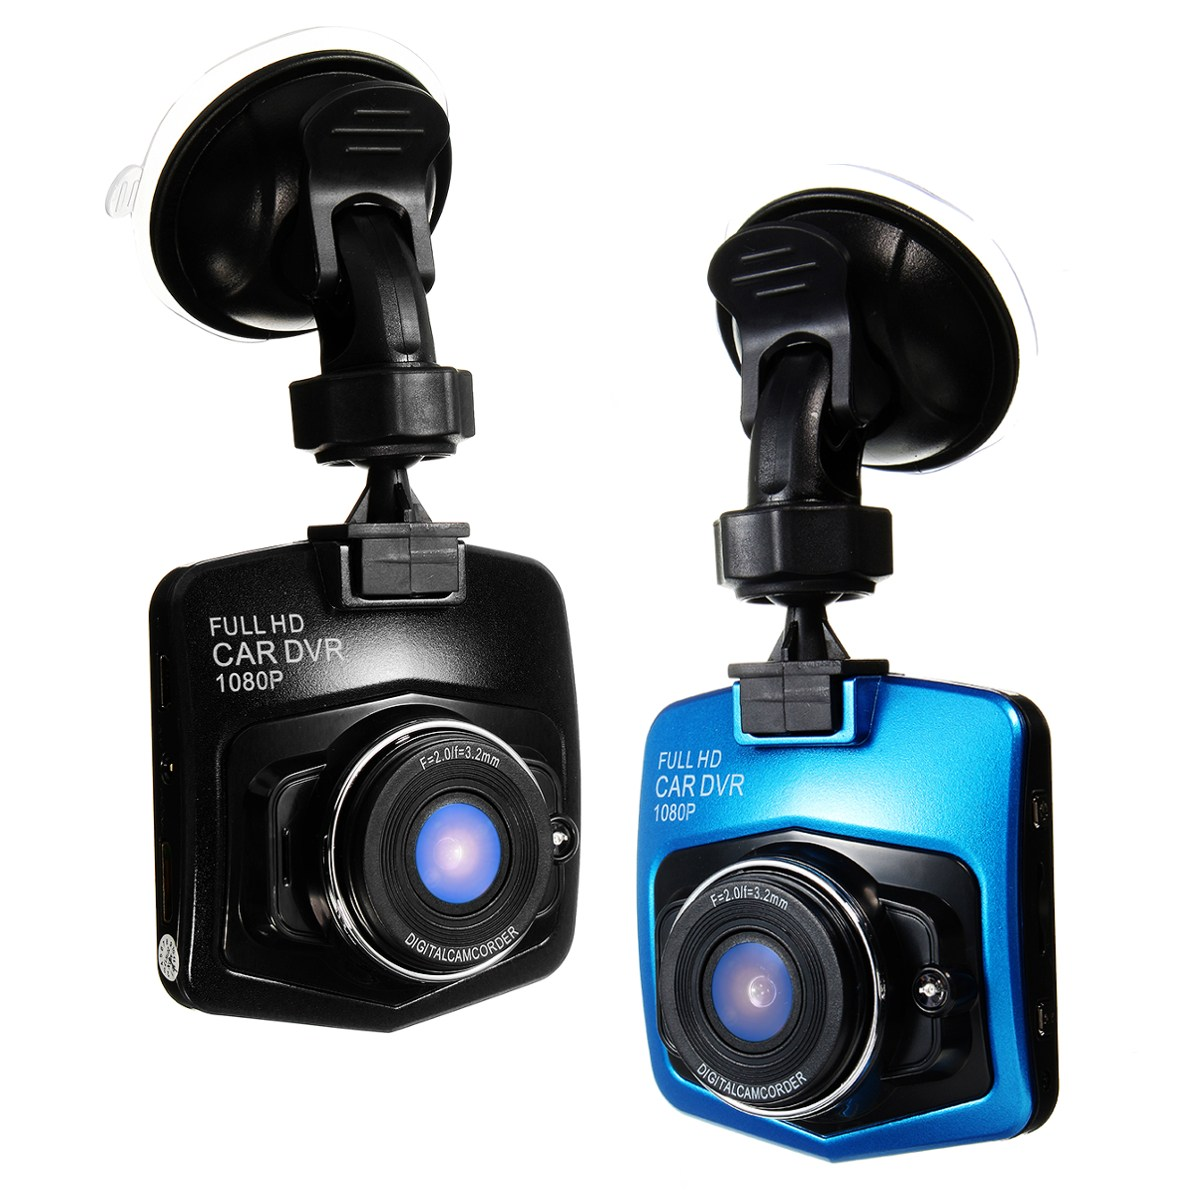 720 P Видеорегистраторы для автомобилей Видео Камера на Cam Даш Камера камкордер автомобиля 2.4 inch G-Сенсор регистраторы Регистраторы Ночное вид...